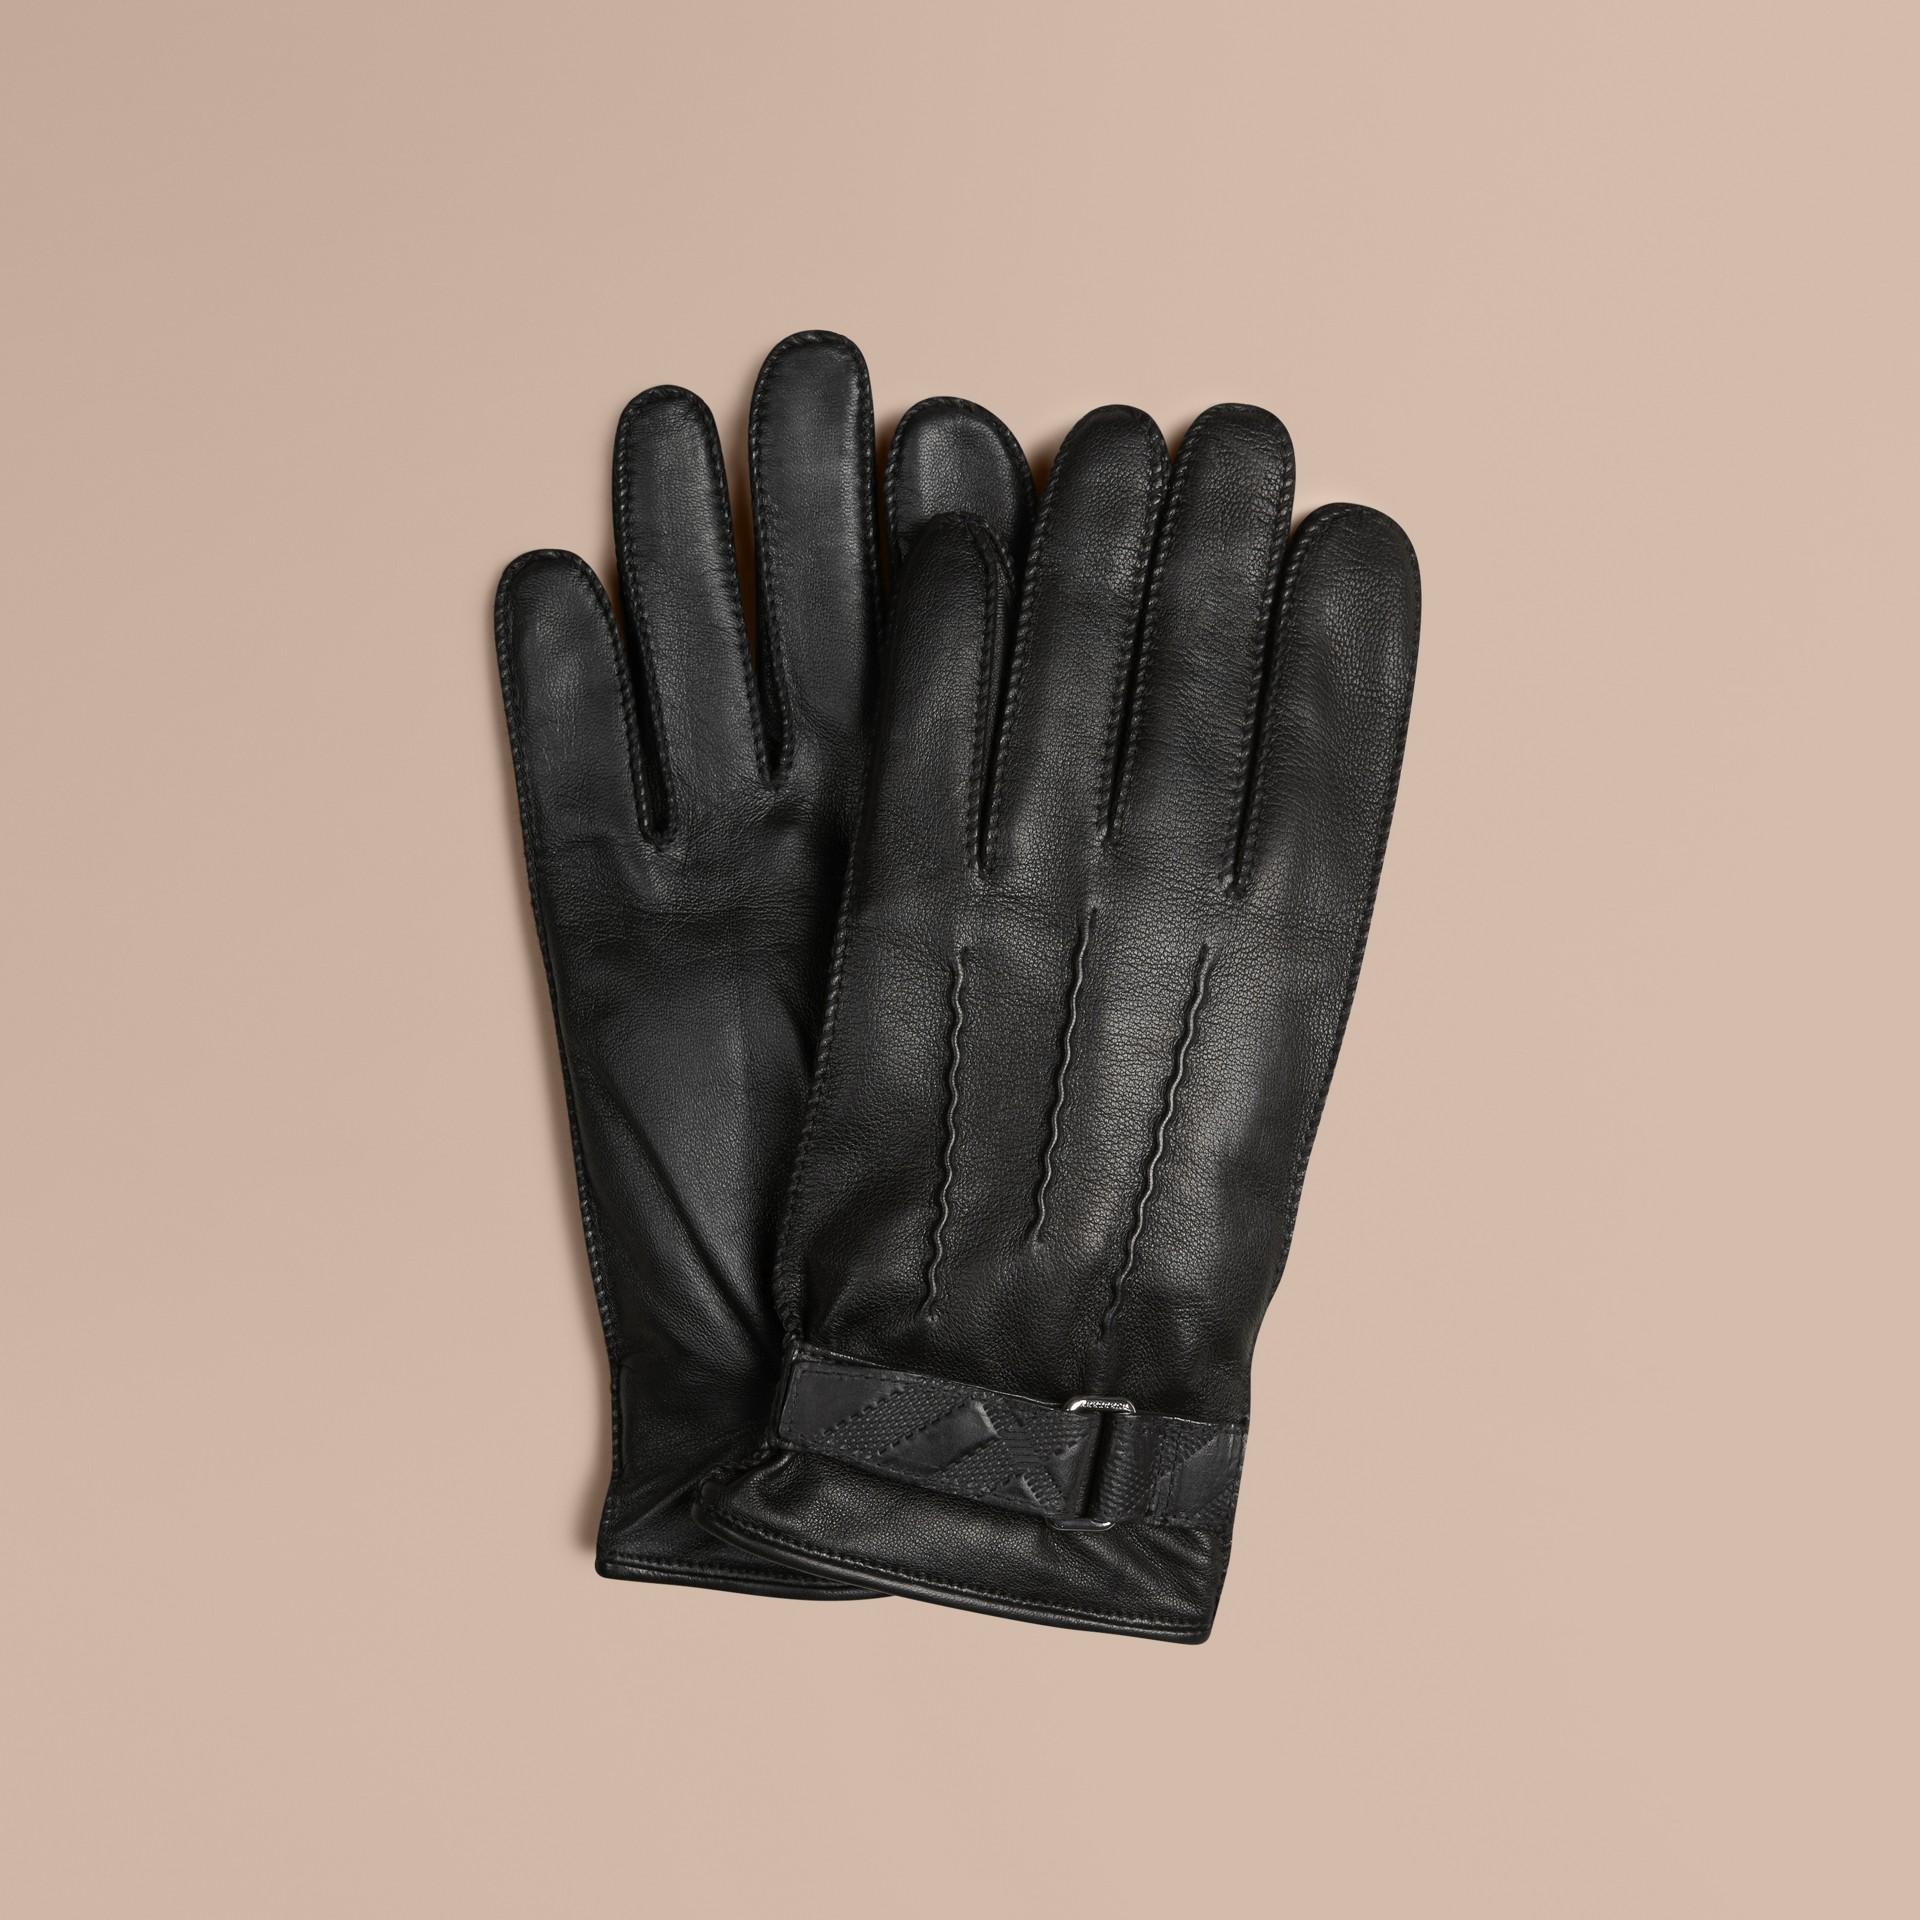 Schwarz Touchscreen-Handschuhe aus Leder mit Check-Prägung - Galerie-Bild 1